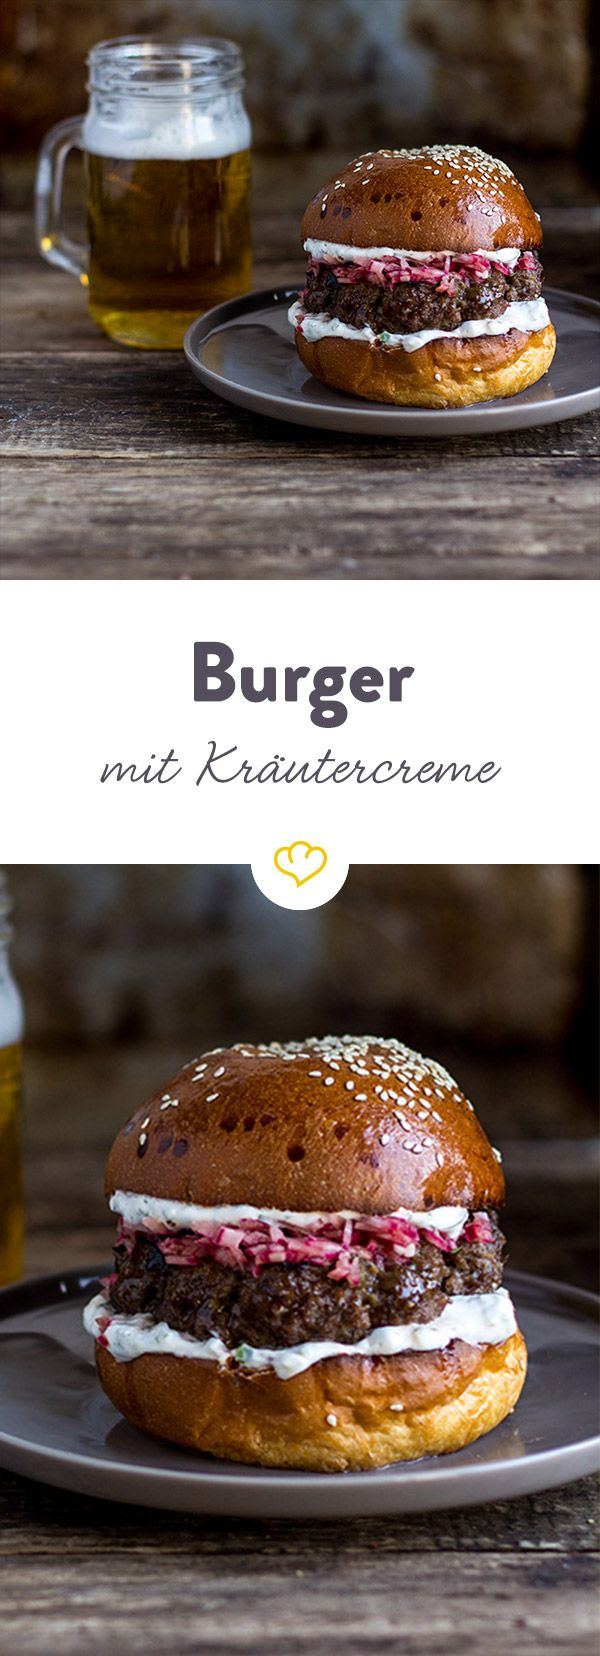 Dieser saftig leckere Burger ist eine schöne Abwechslung zum täglichen Cheeseburger. Pikant mit eingelegten Zwiebeln und frischer Kräutercreme.